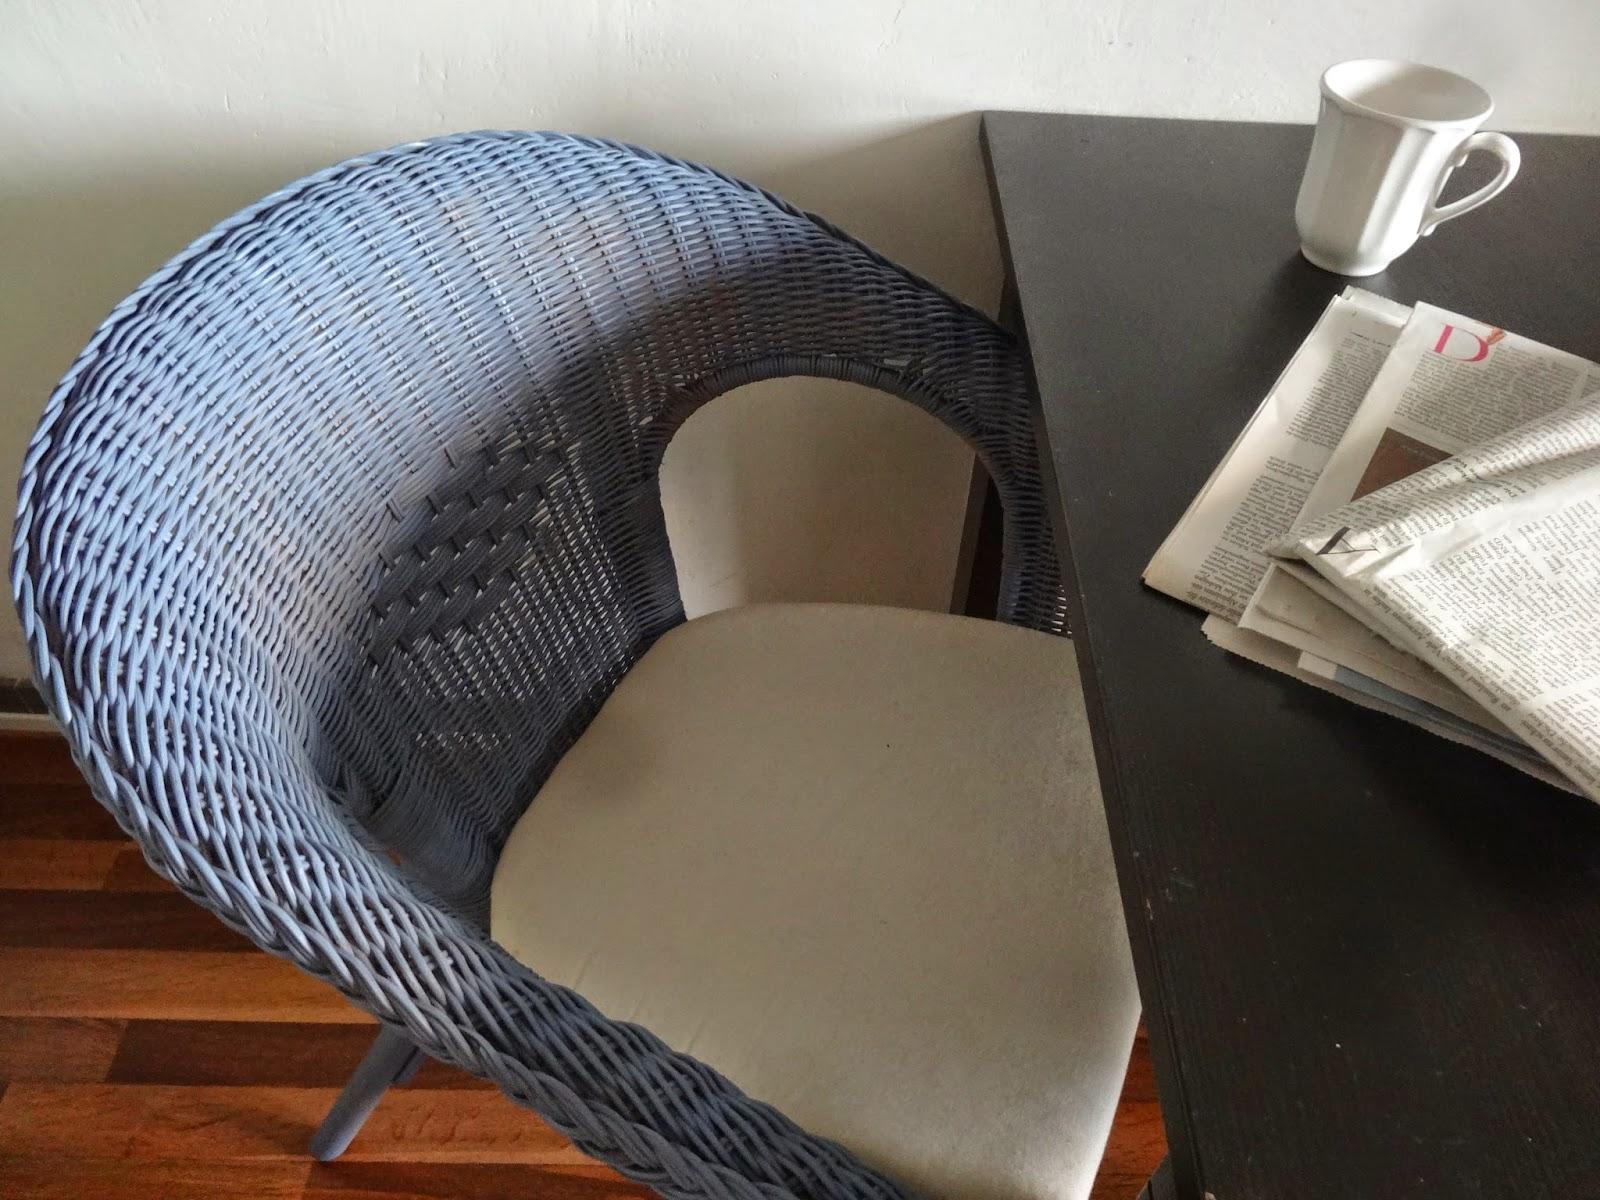 Agen angesprüht: Ikea-Möbel im Shabby Chic